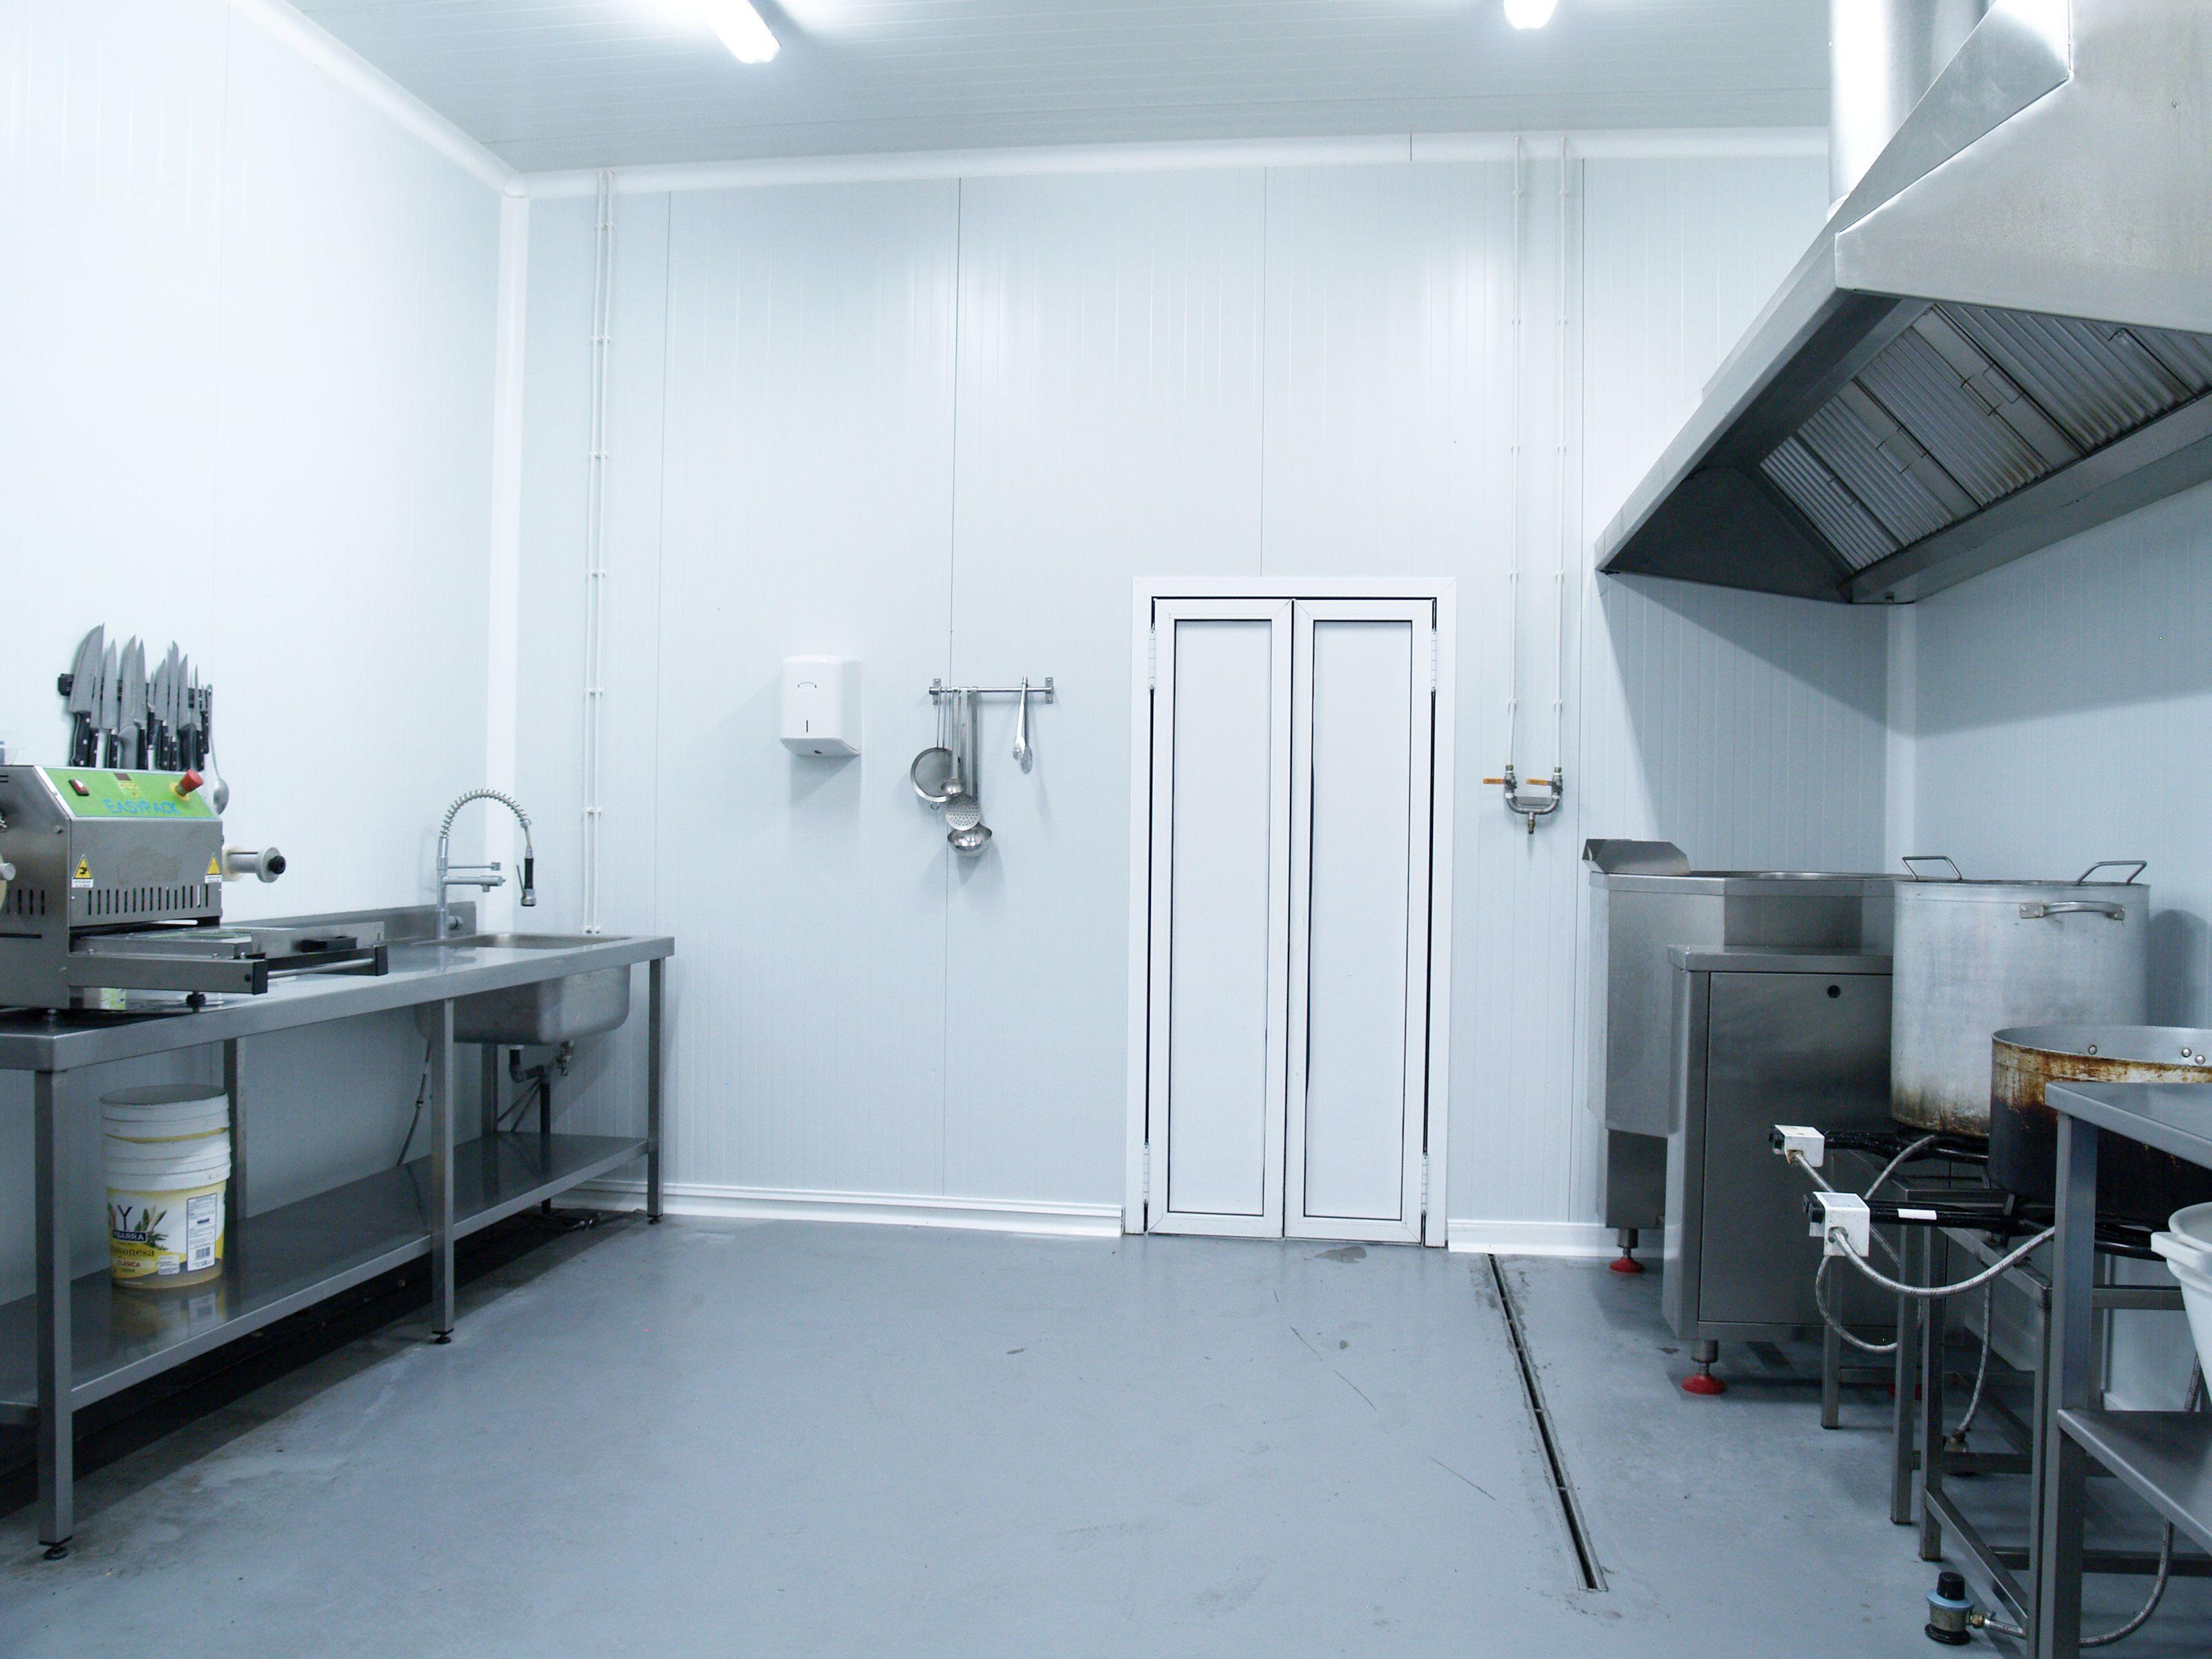 Empresa de platos precocinados de quinta gama en Huelva